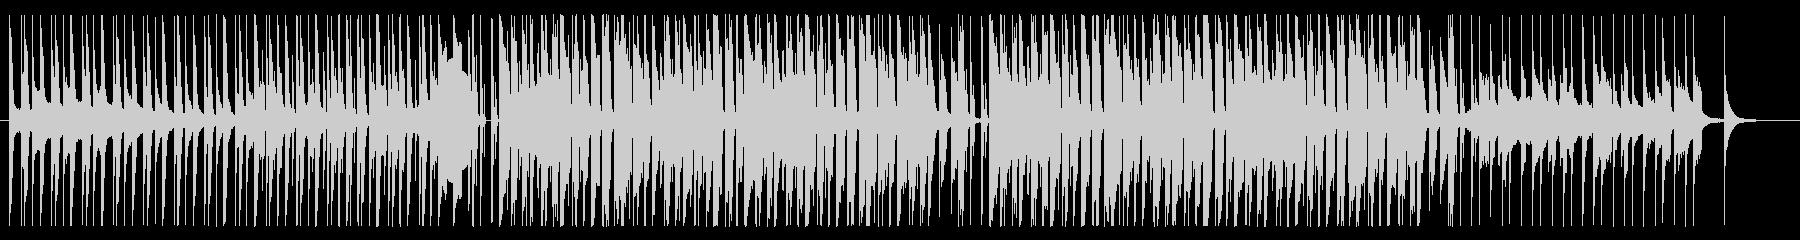 レゲトン、ラテン、ダンス系(短め)の未再生の波形